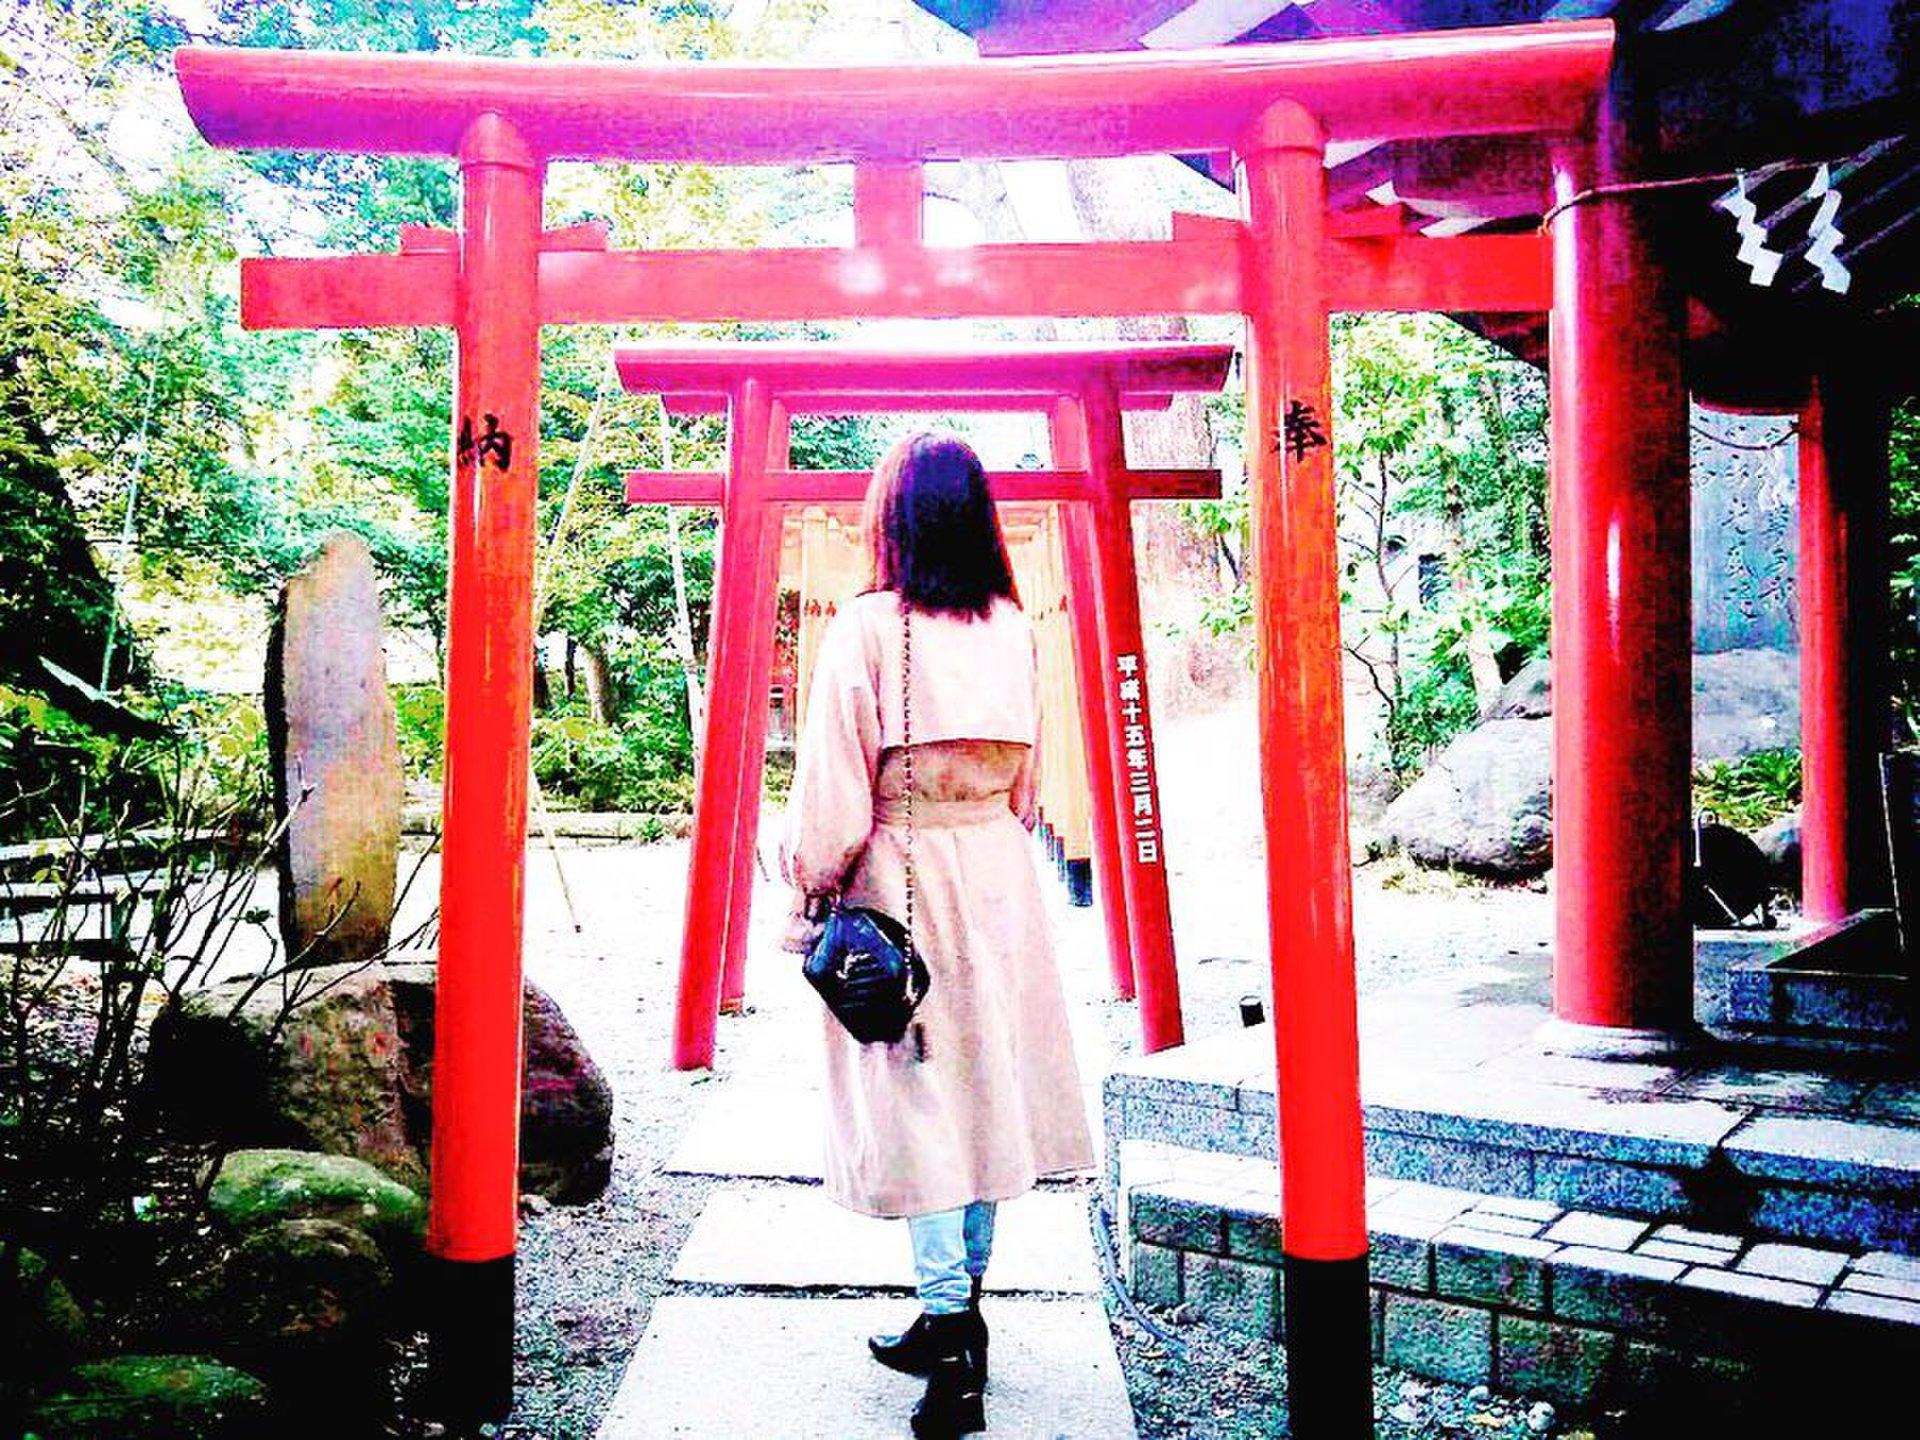 「ここに行ったら運が上がったの」不思議なパワーがある?!来宮神社でインスタ映え♡